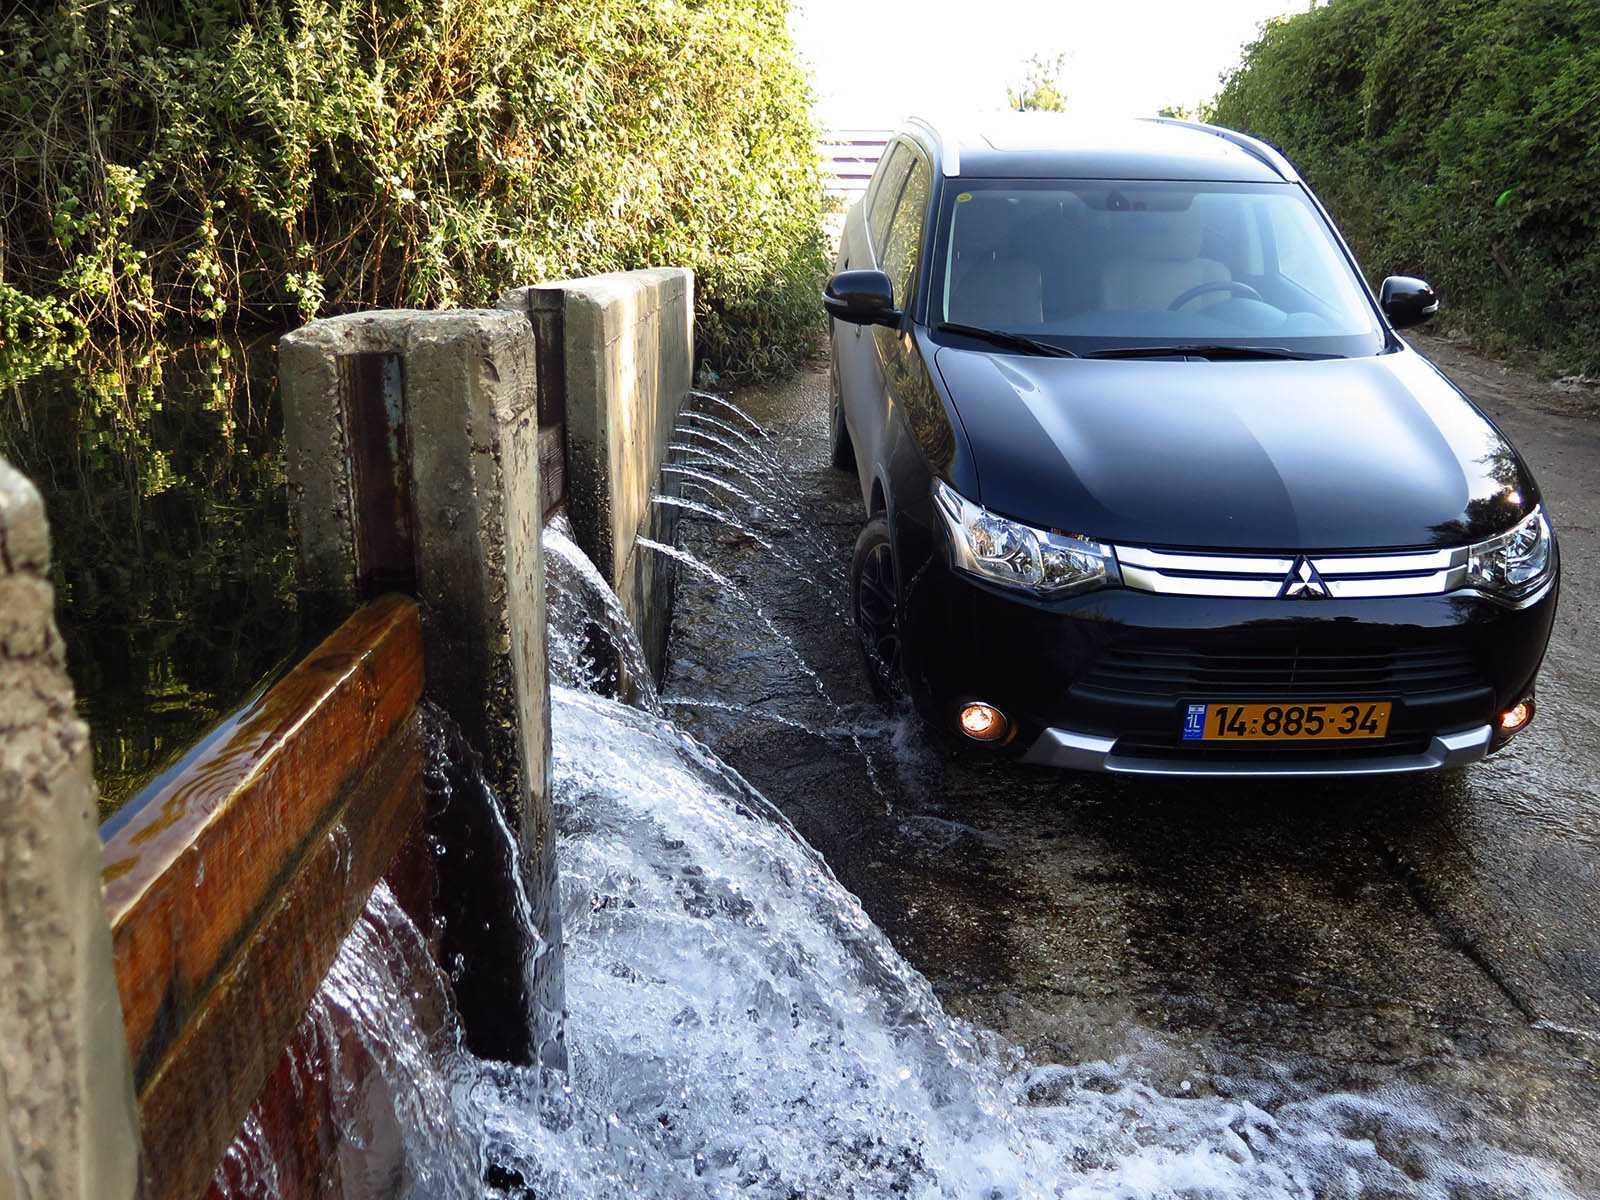 טיול מים עם מיצובישי אאוטלנדר - טבילה מרעננת בסכר הג'ילבון. צילום: רוני נאק